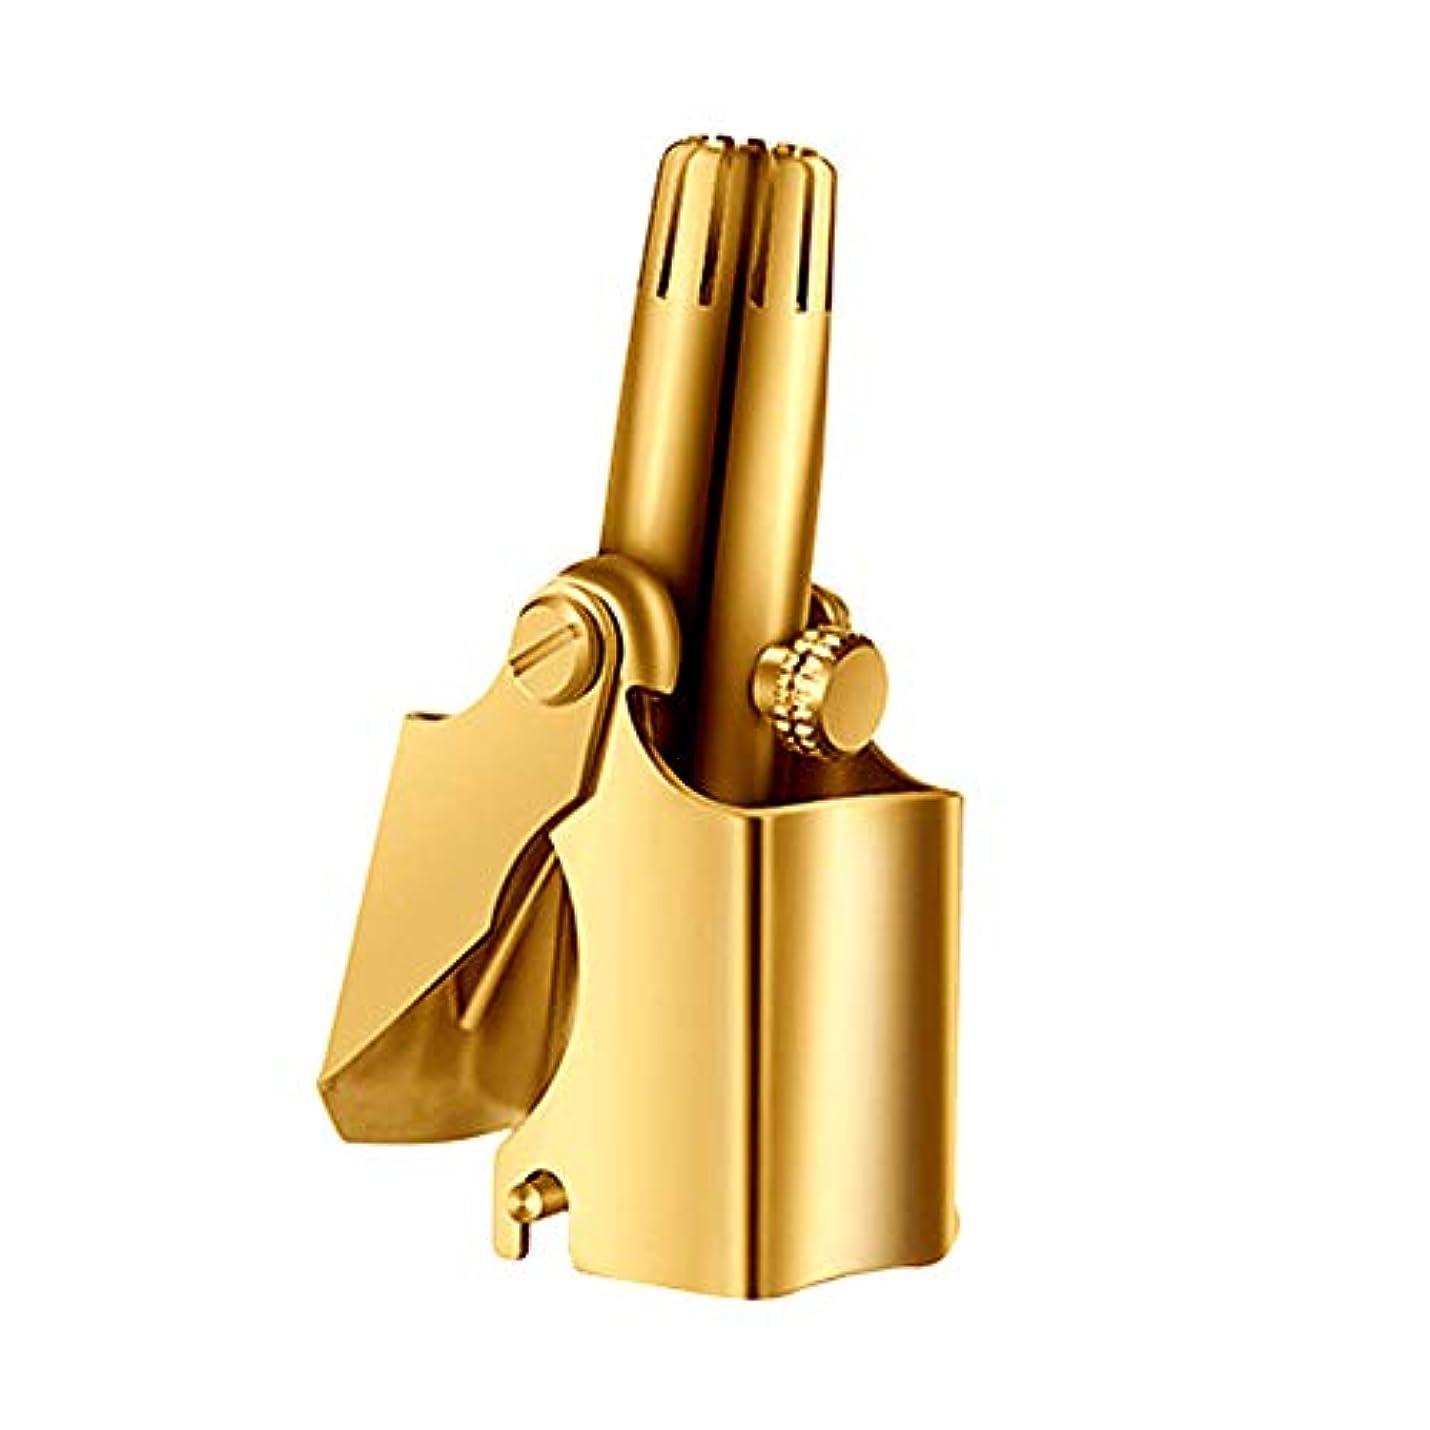 ほかにできる最少手動鼻毛カッター簡単 電池不要エチケットカッター鼻腔を傷つけない持ち運び簡単 お手入れ掃除ブラシ,ゴールド